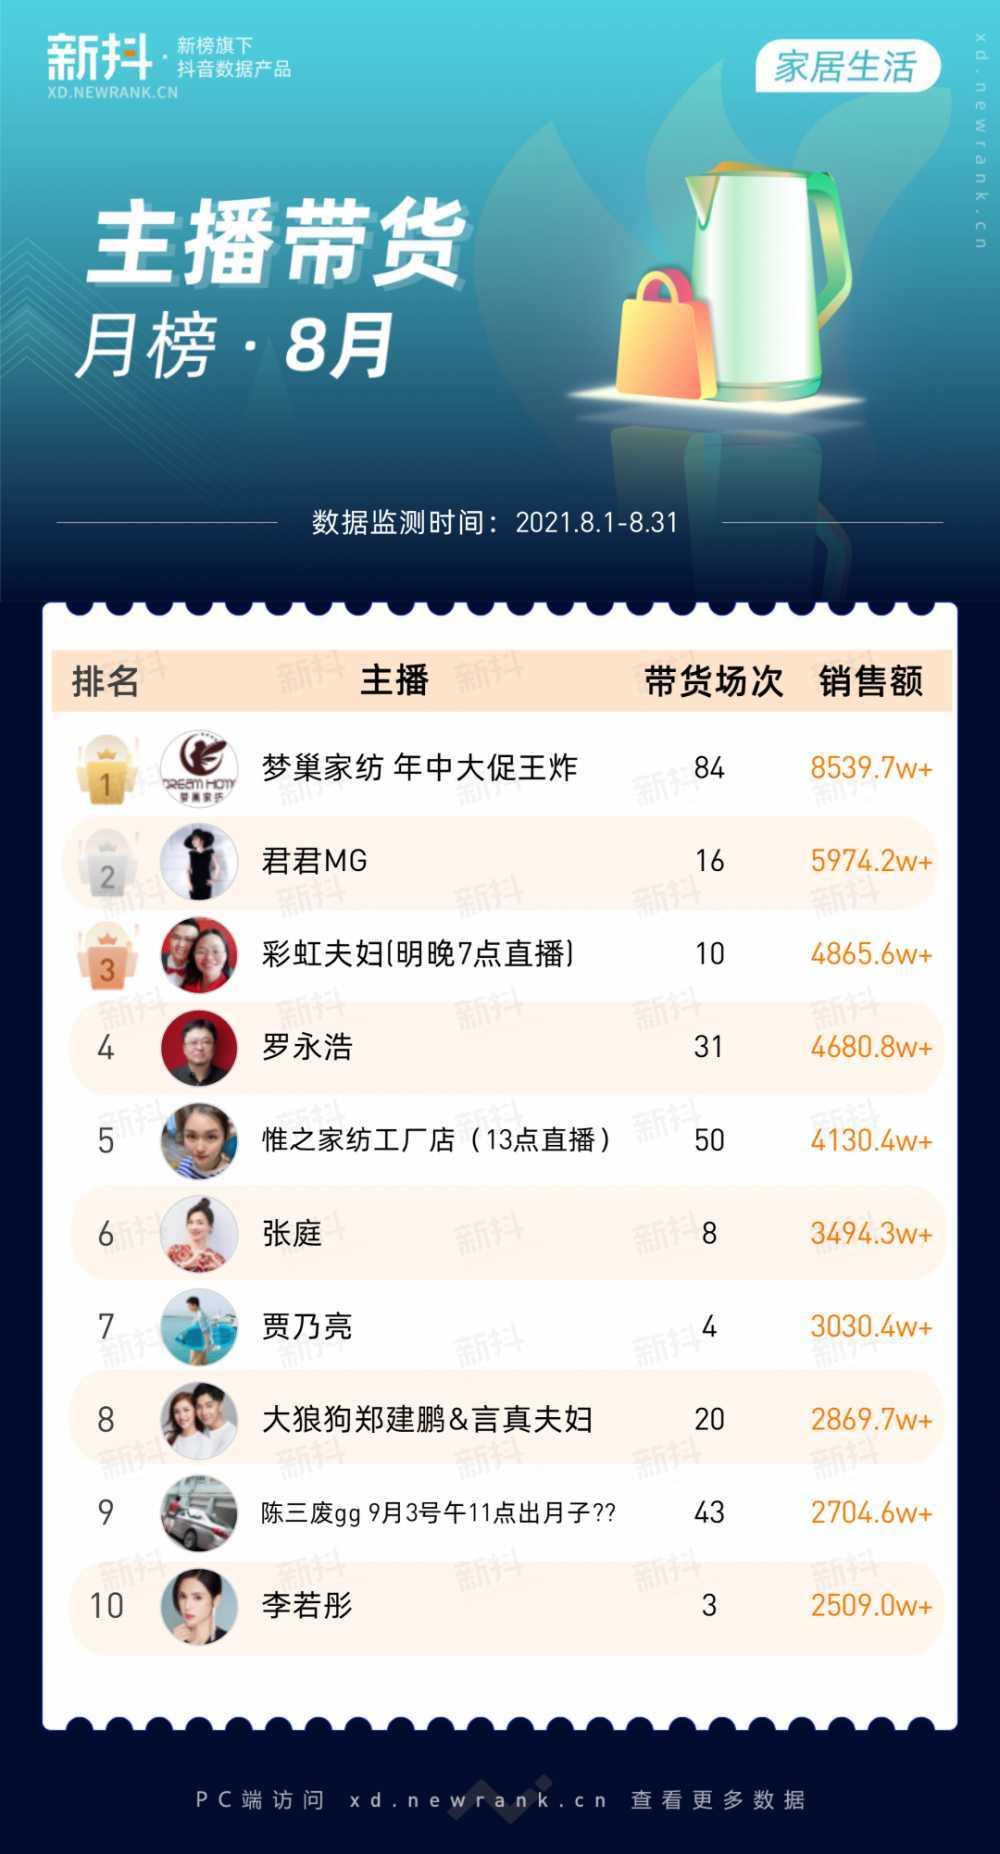 带货5亿才能拿到榜单第一,8月月榜风云变幻-第7张图片-乌龟资源网_免费资源搜集分享平台